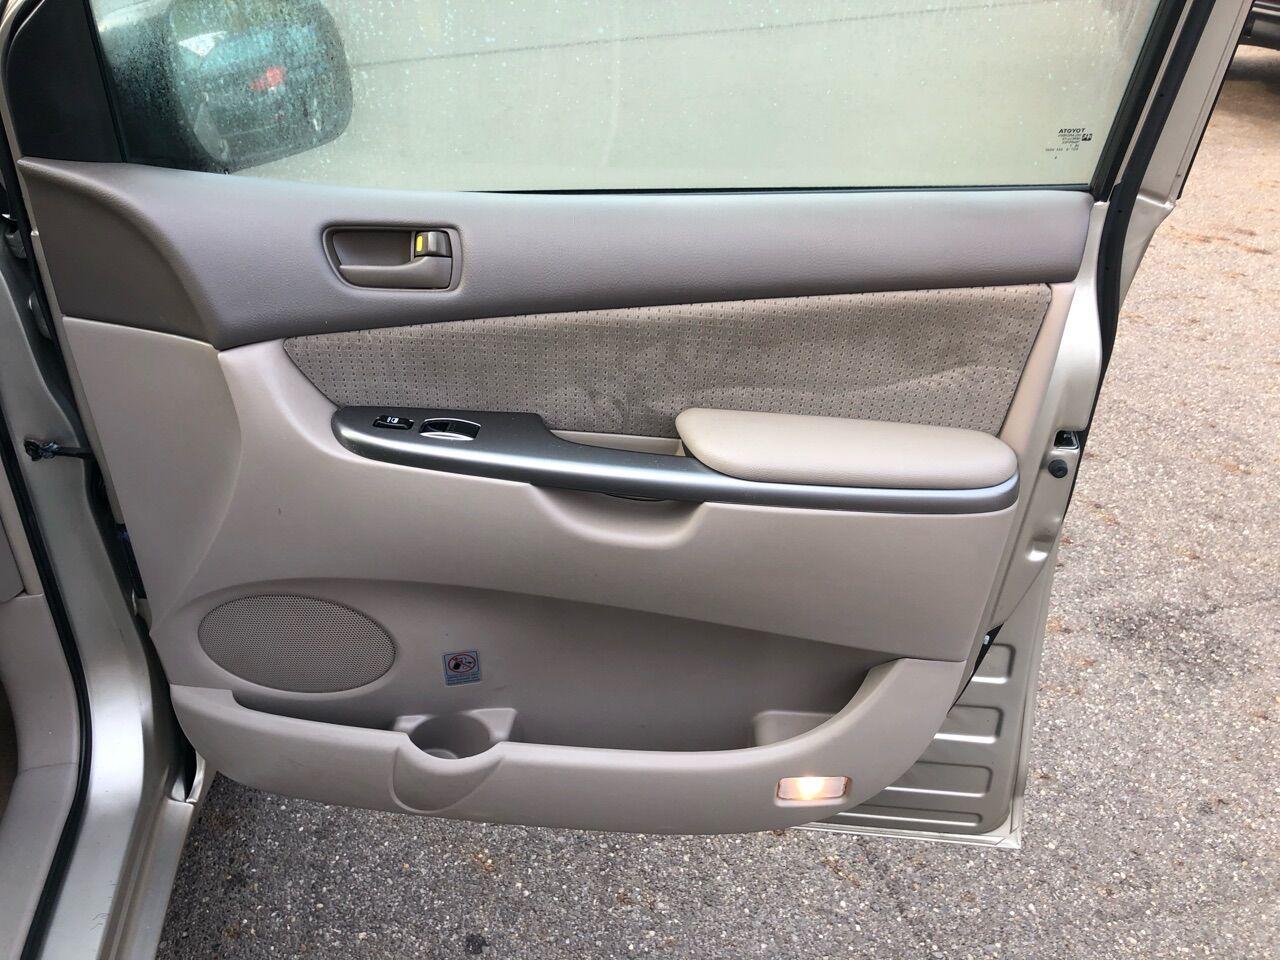 2008 Toyota Sienna Mini-van, Cargo